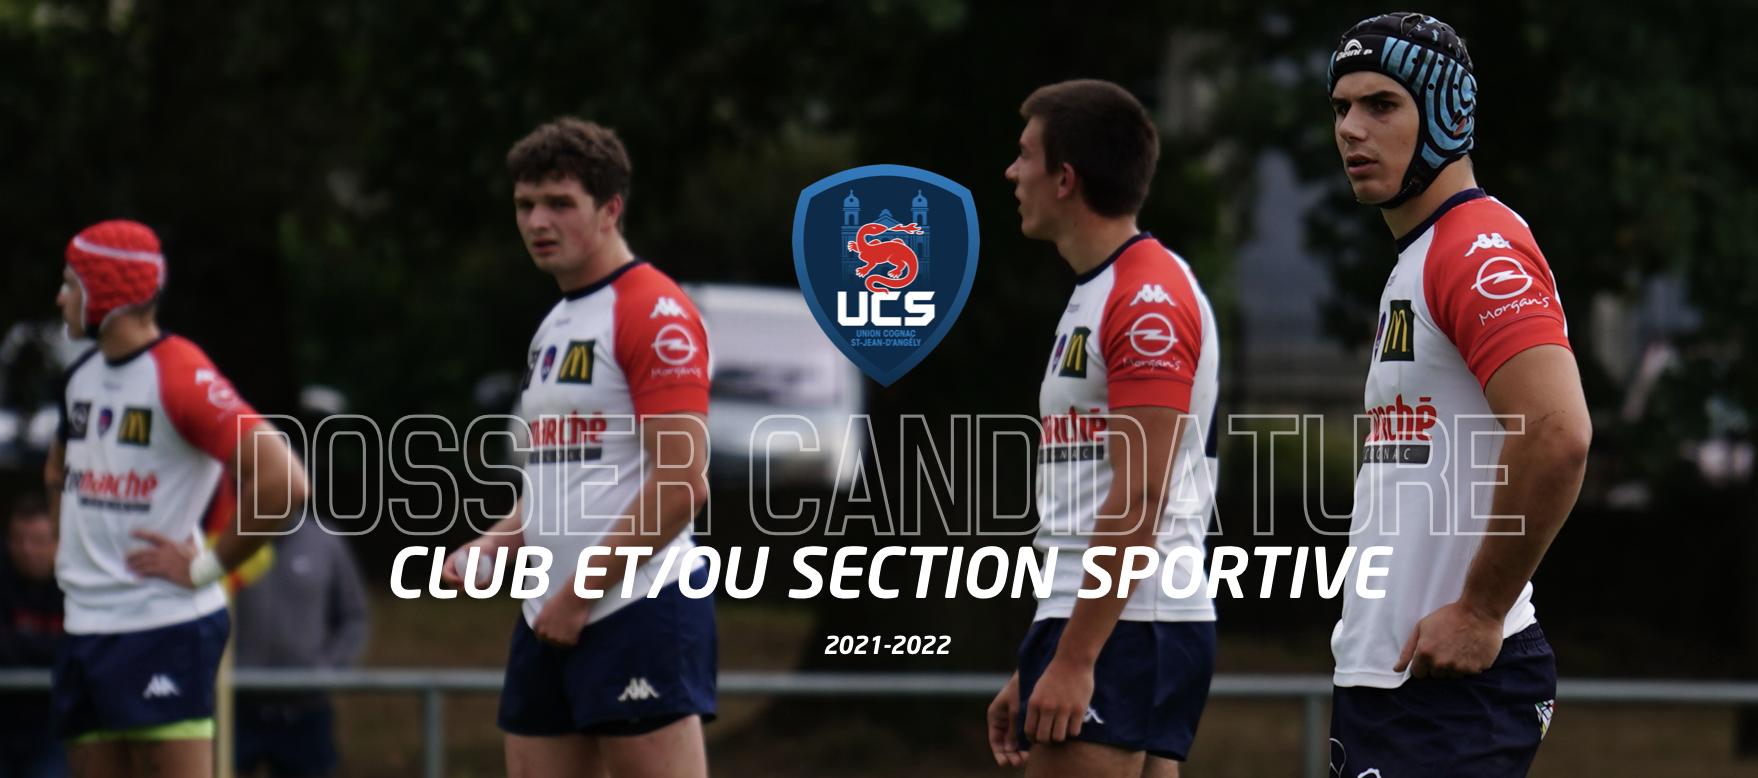 Dossier de candidature club et/ou Section Sportive Scolaire 2021-2022